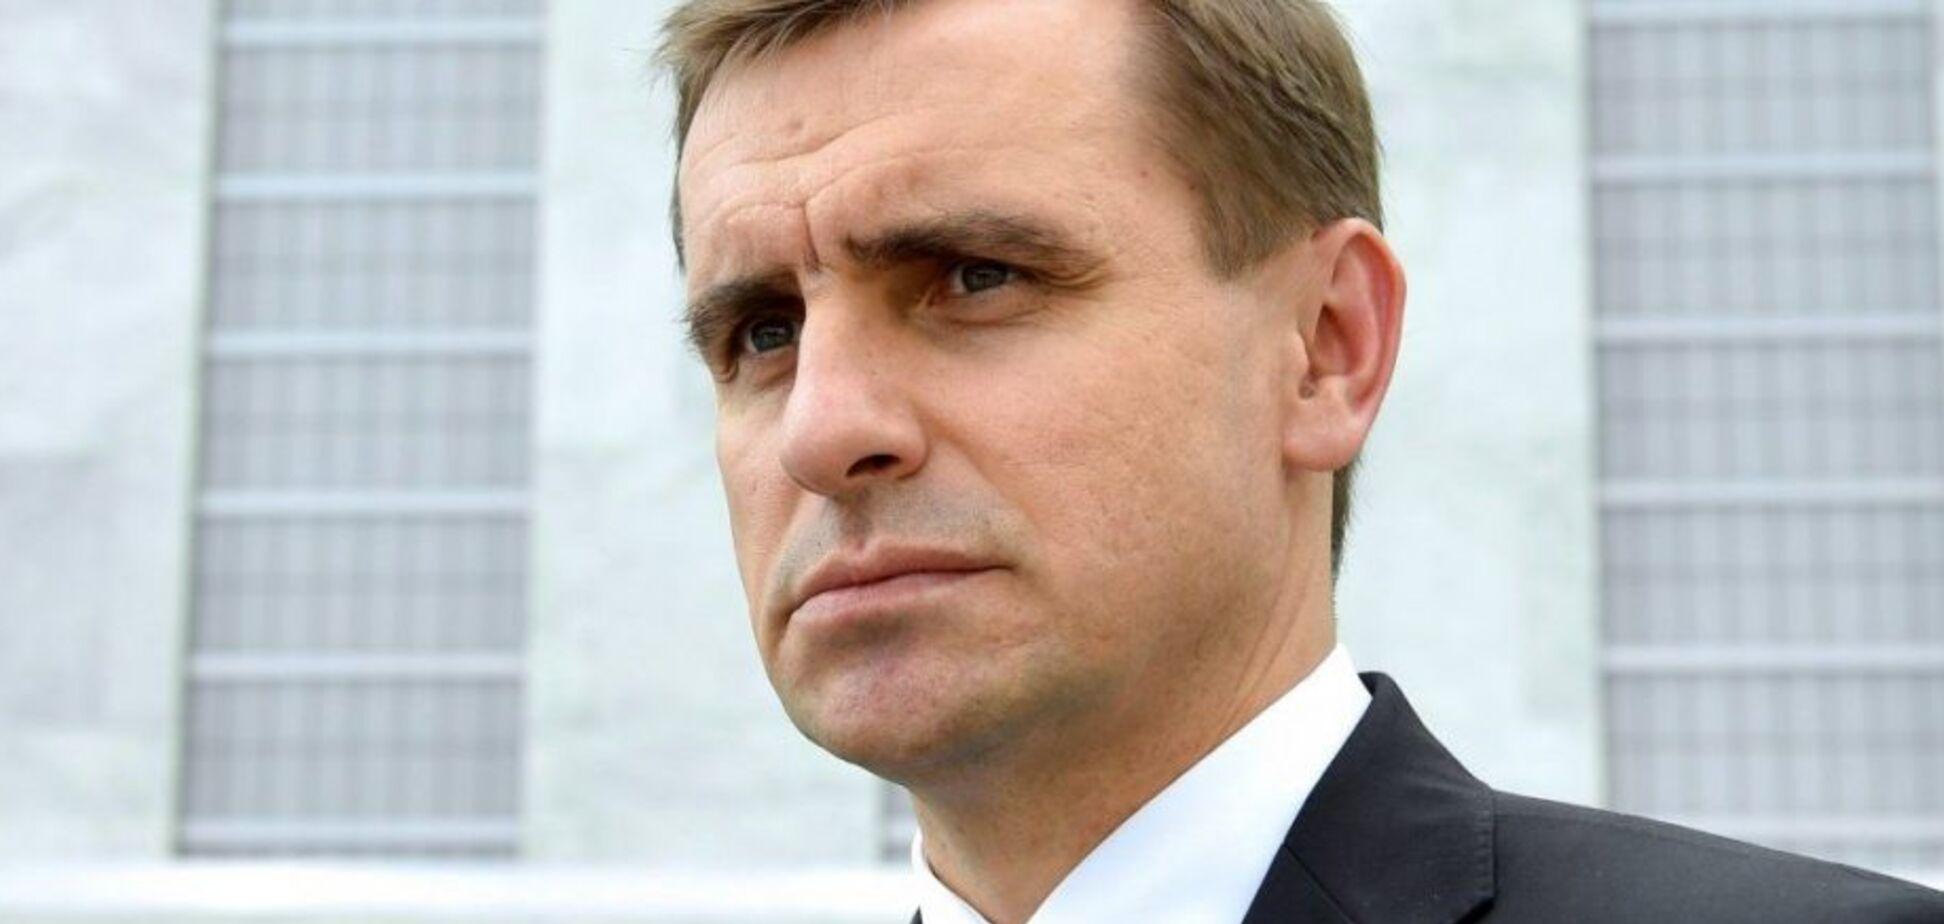 Повышение статуса минской ТКГ поможет России избежать ответственности – Елисеев